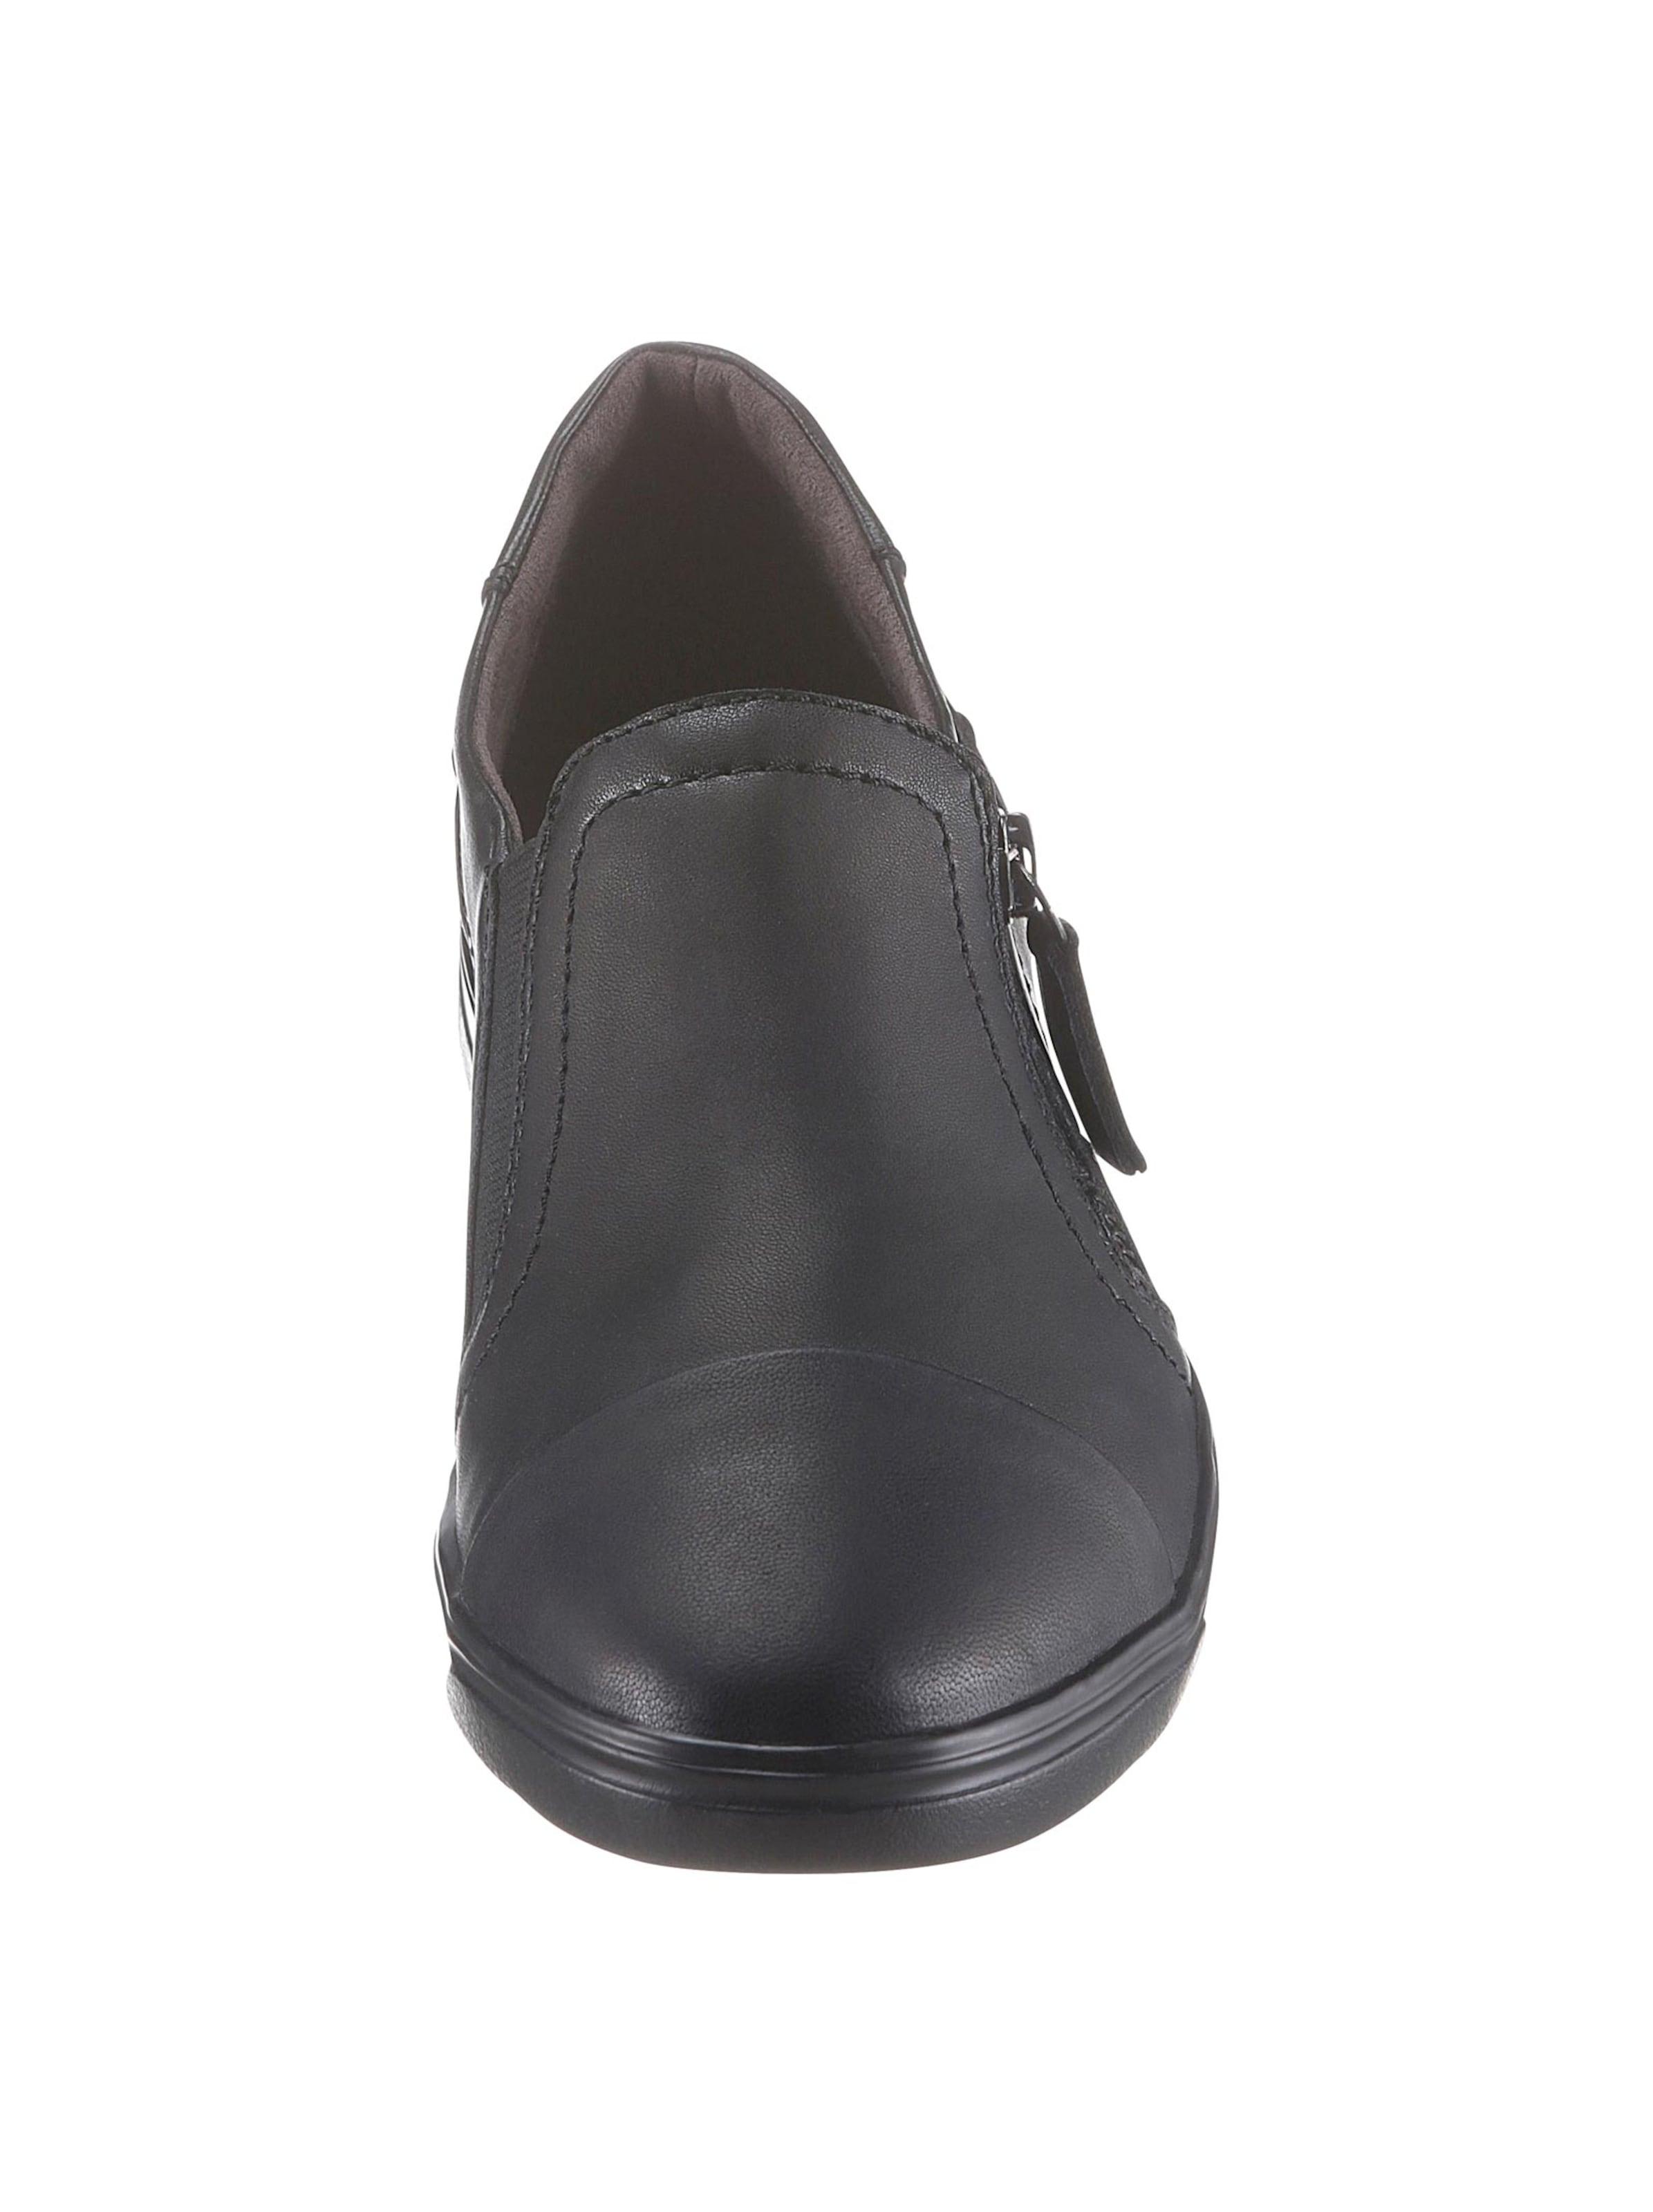 jana - Damen Slipper schwarz